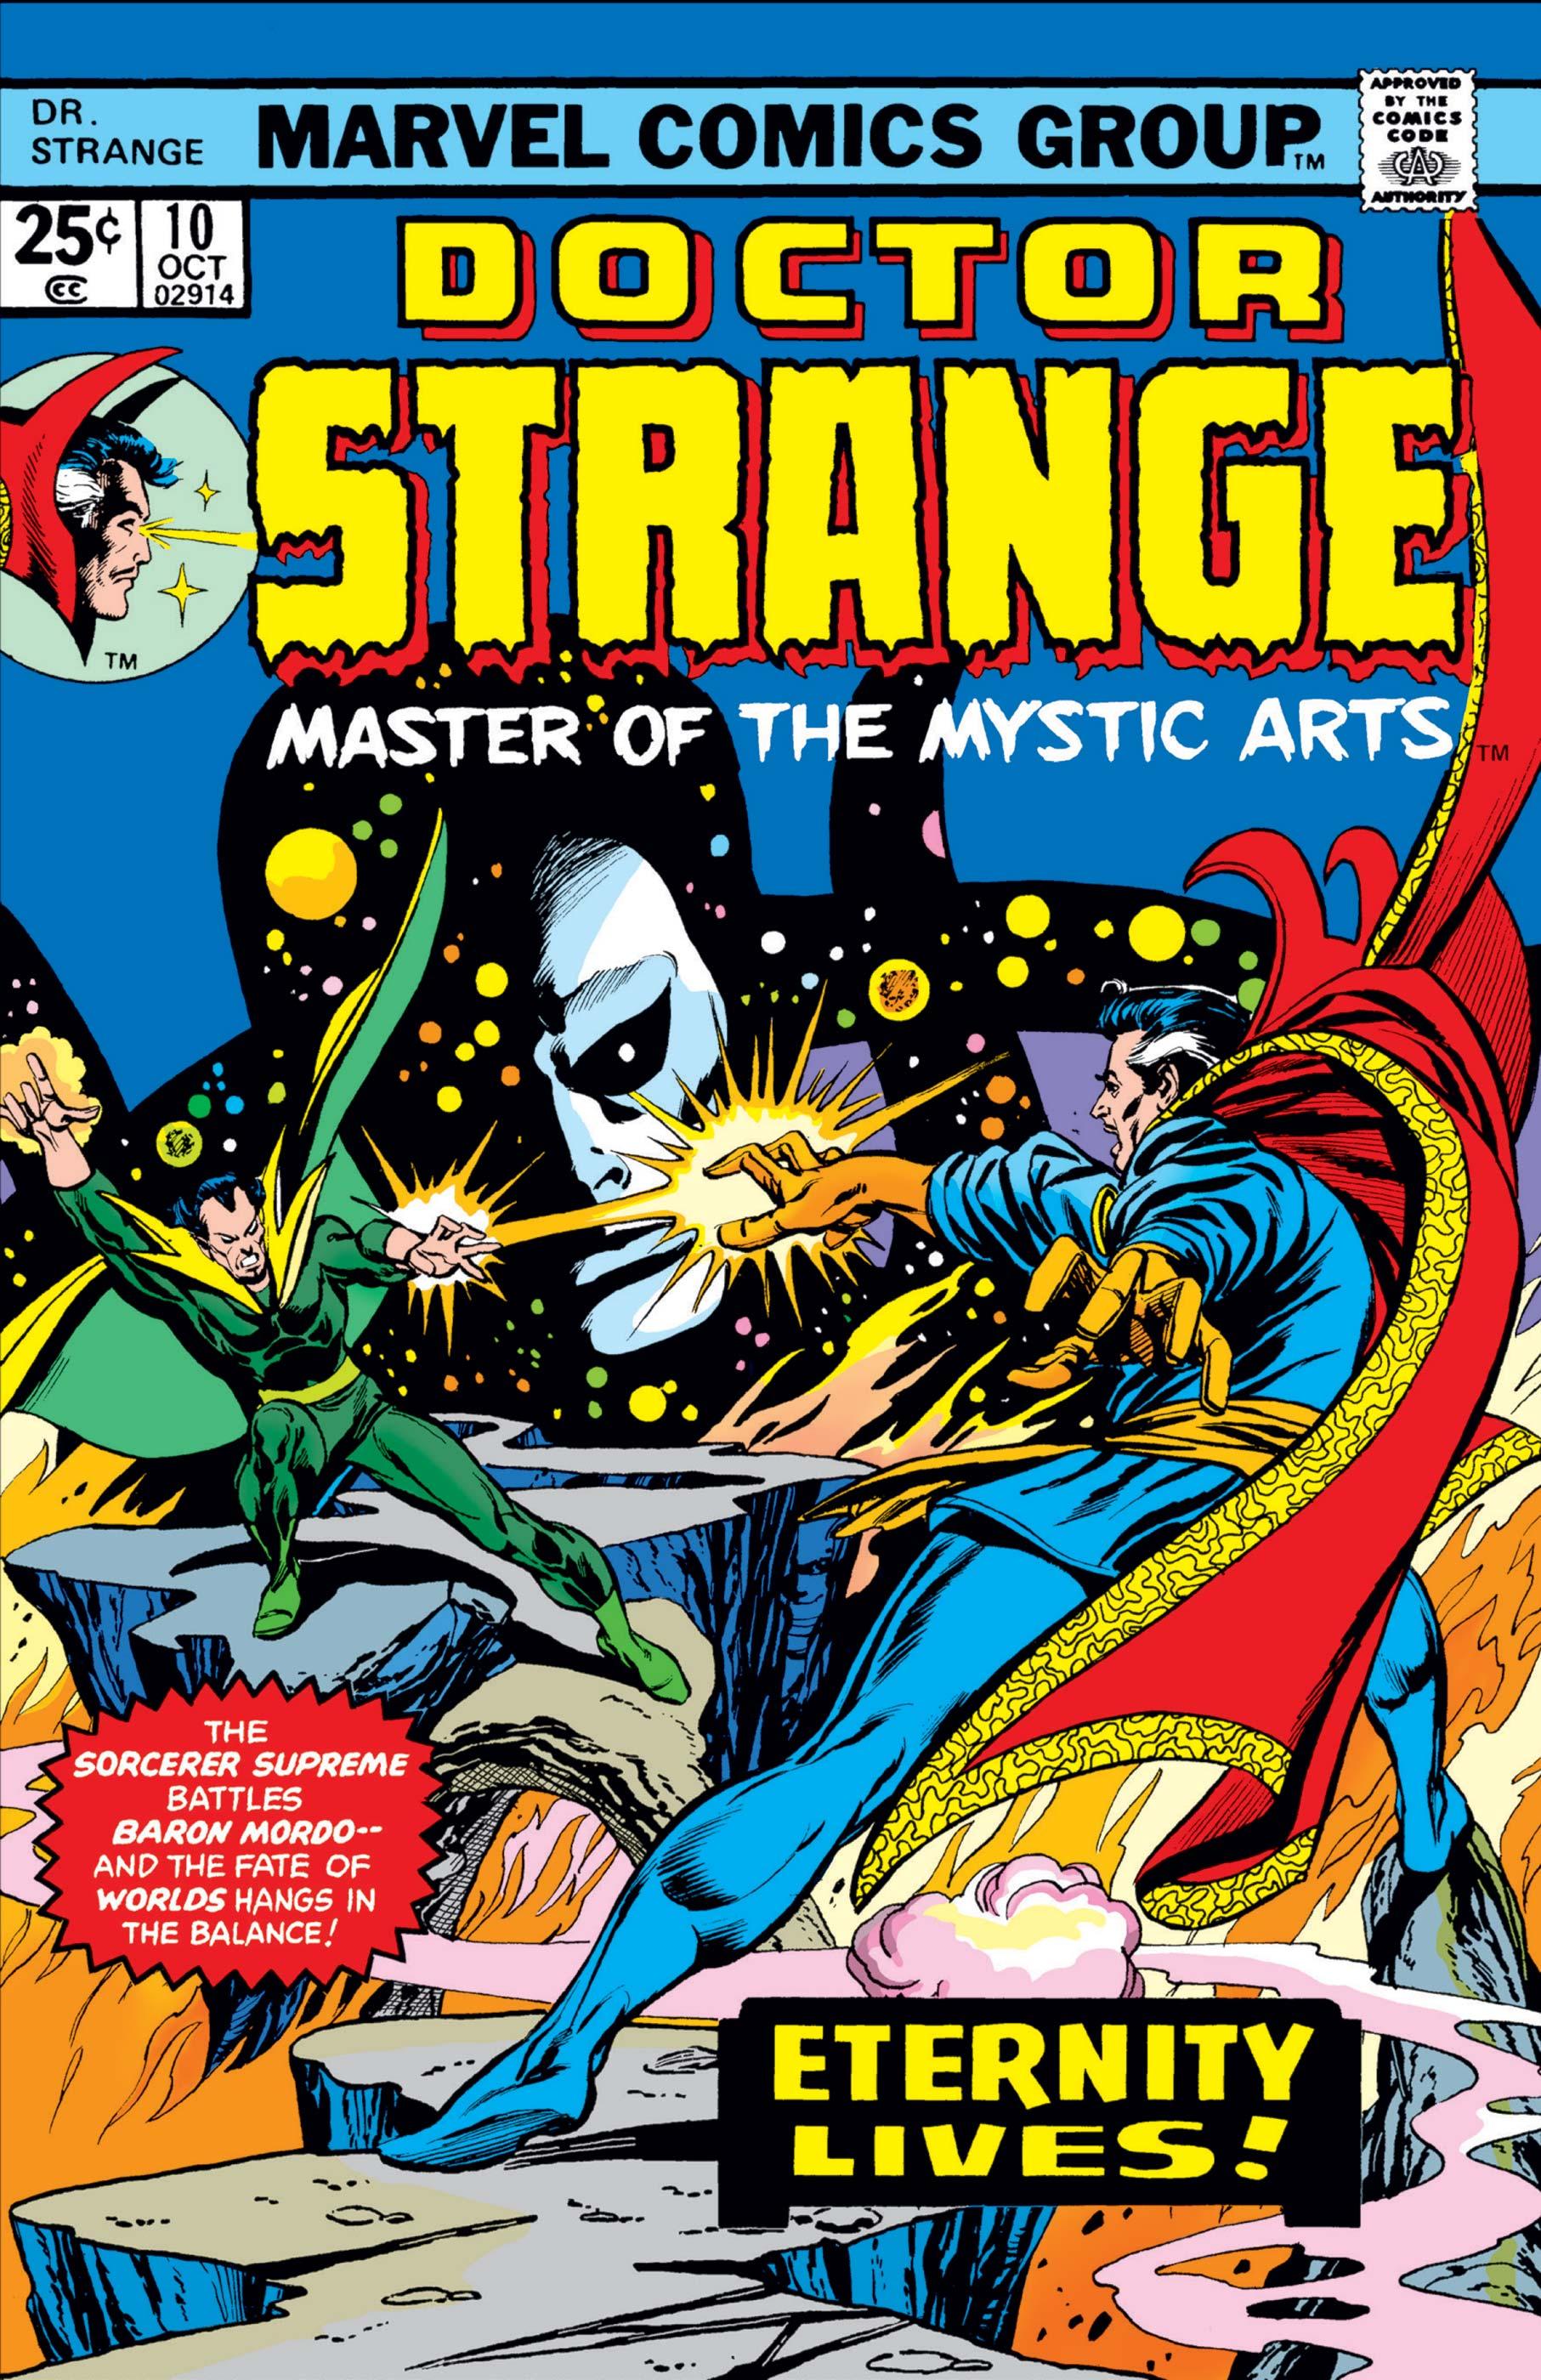 Doctor Strange (1974) #10